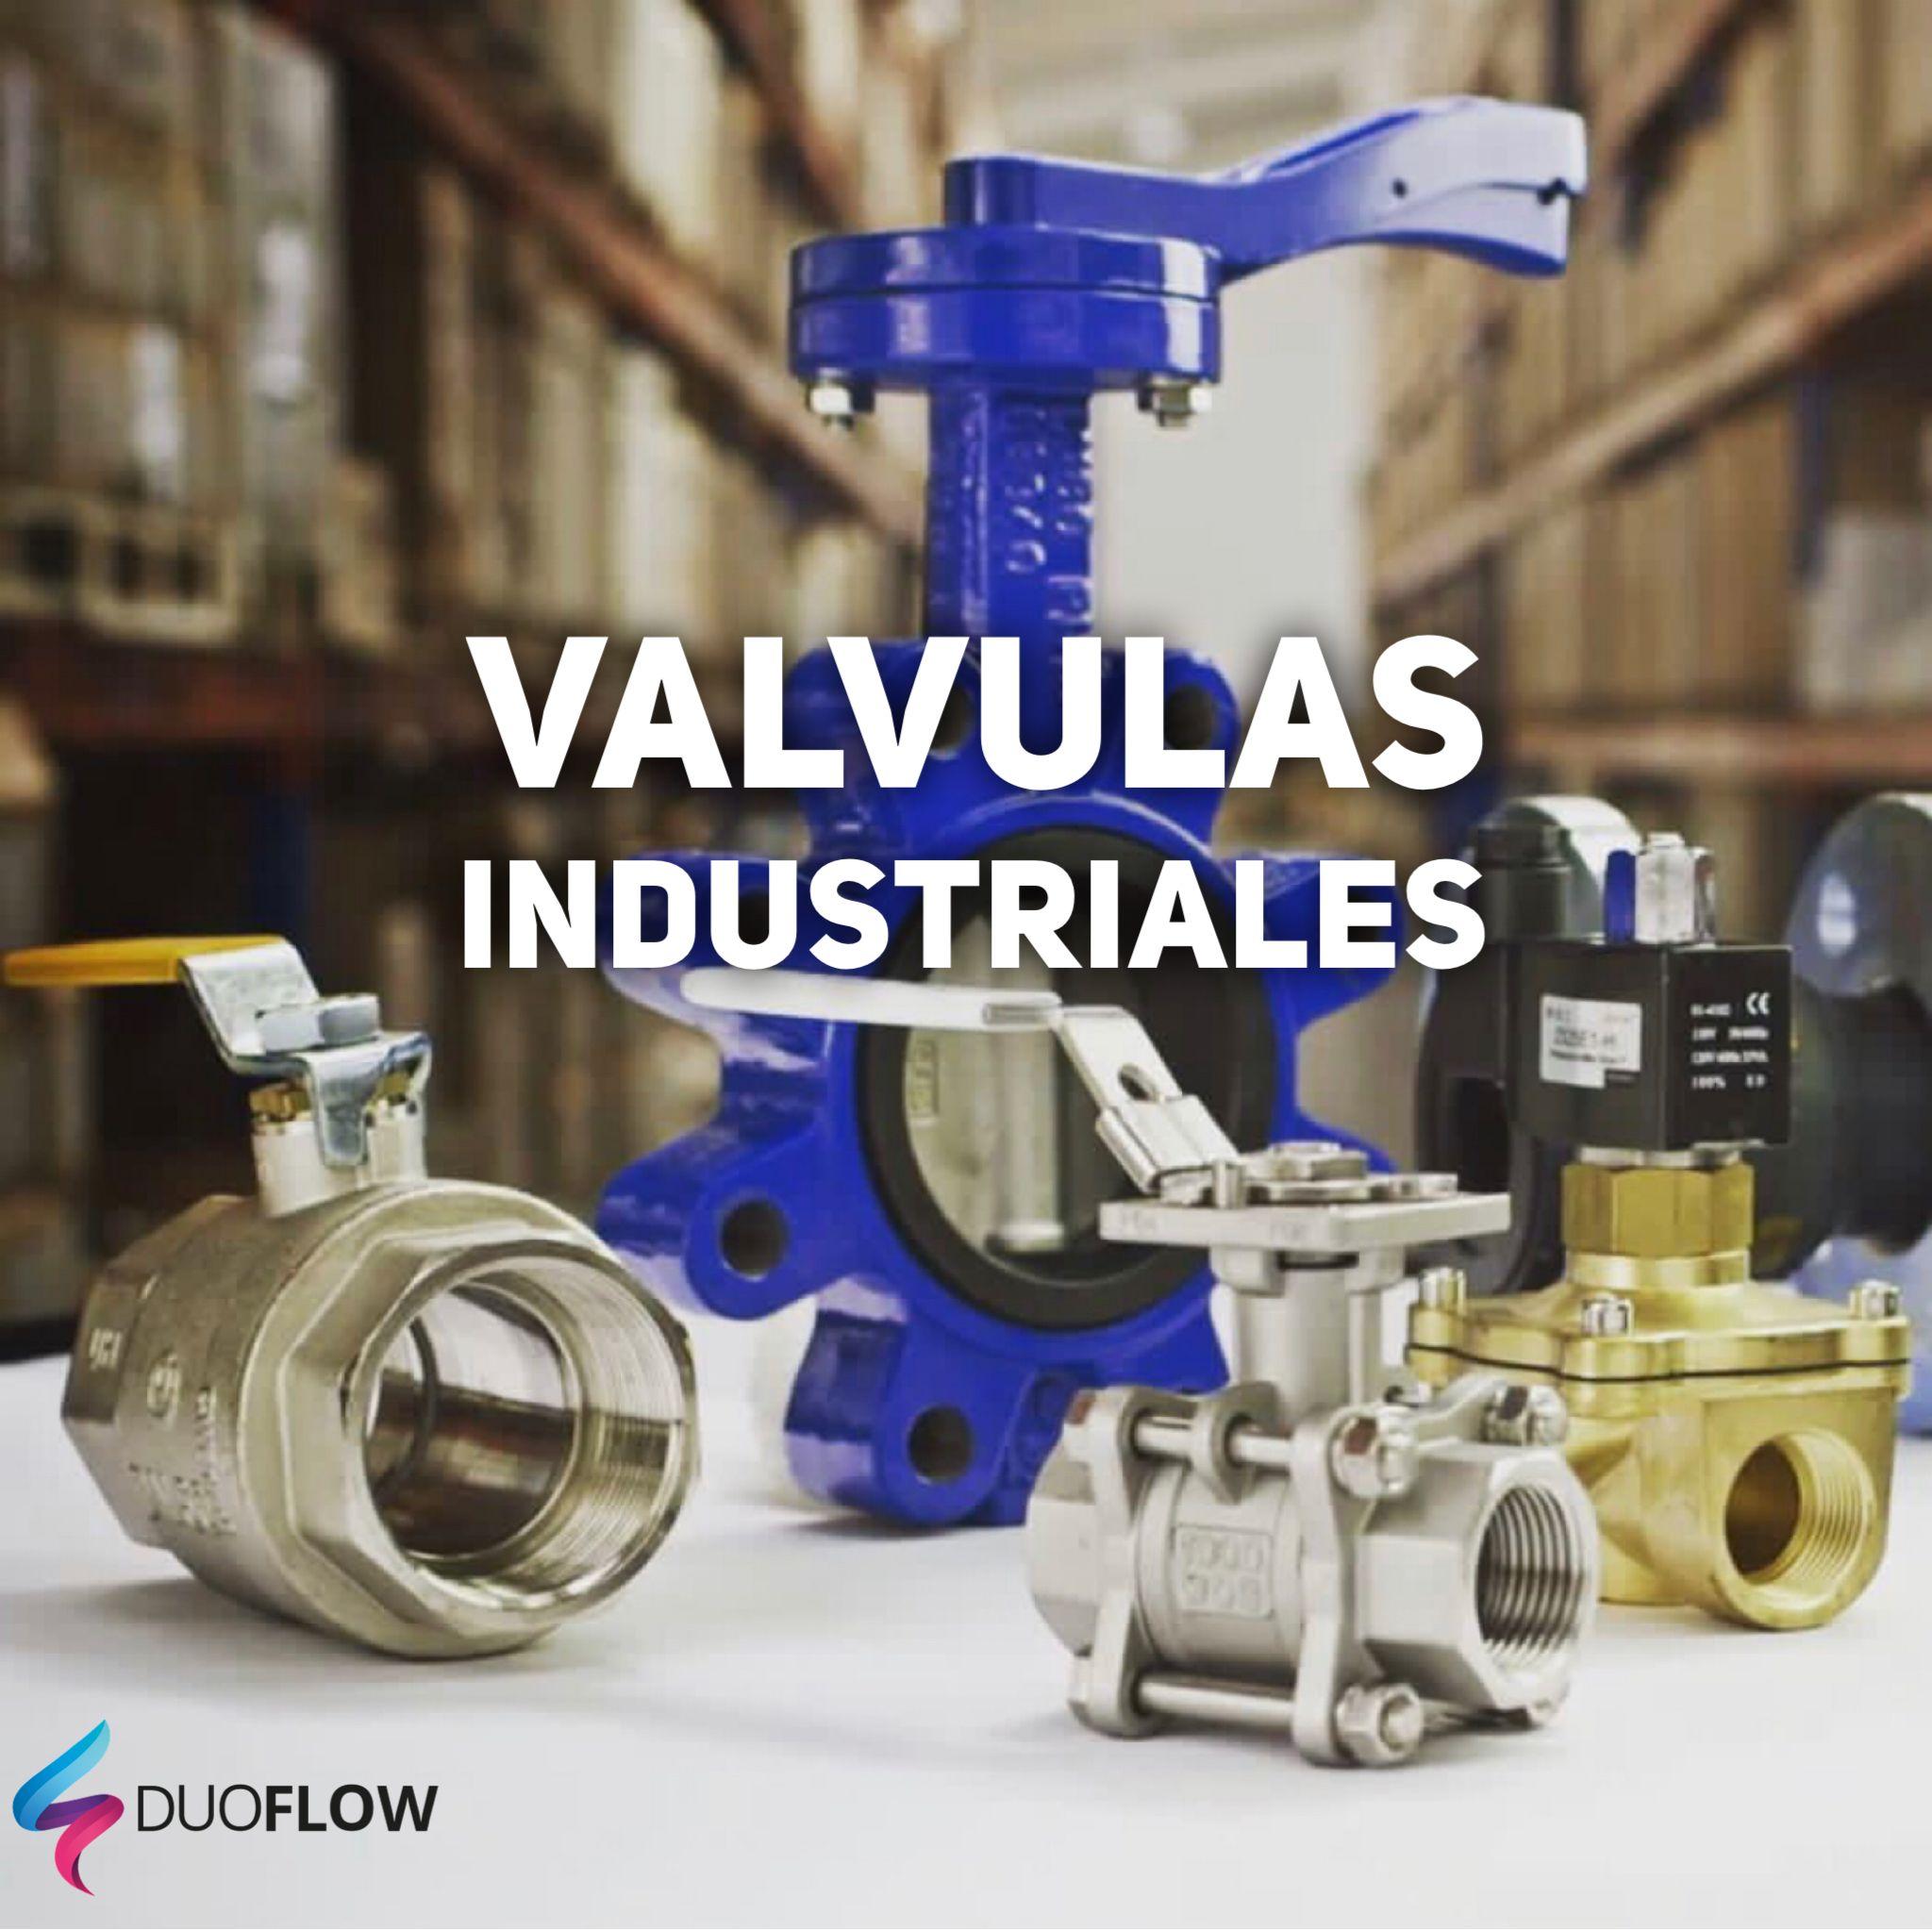 Valvulas industriales argentina